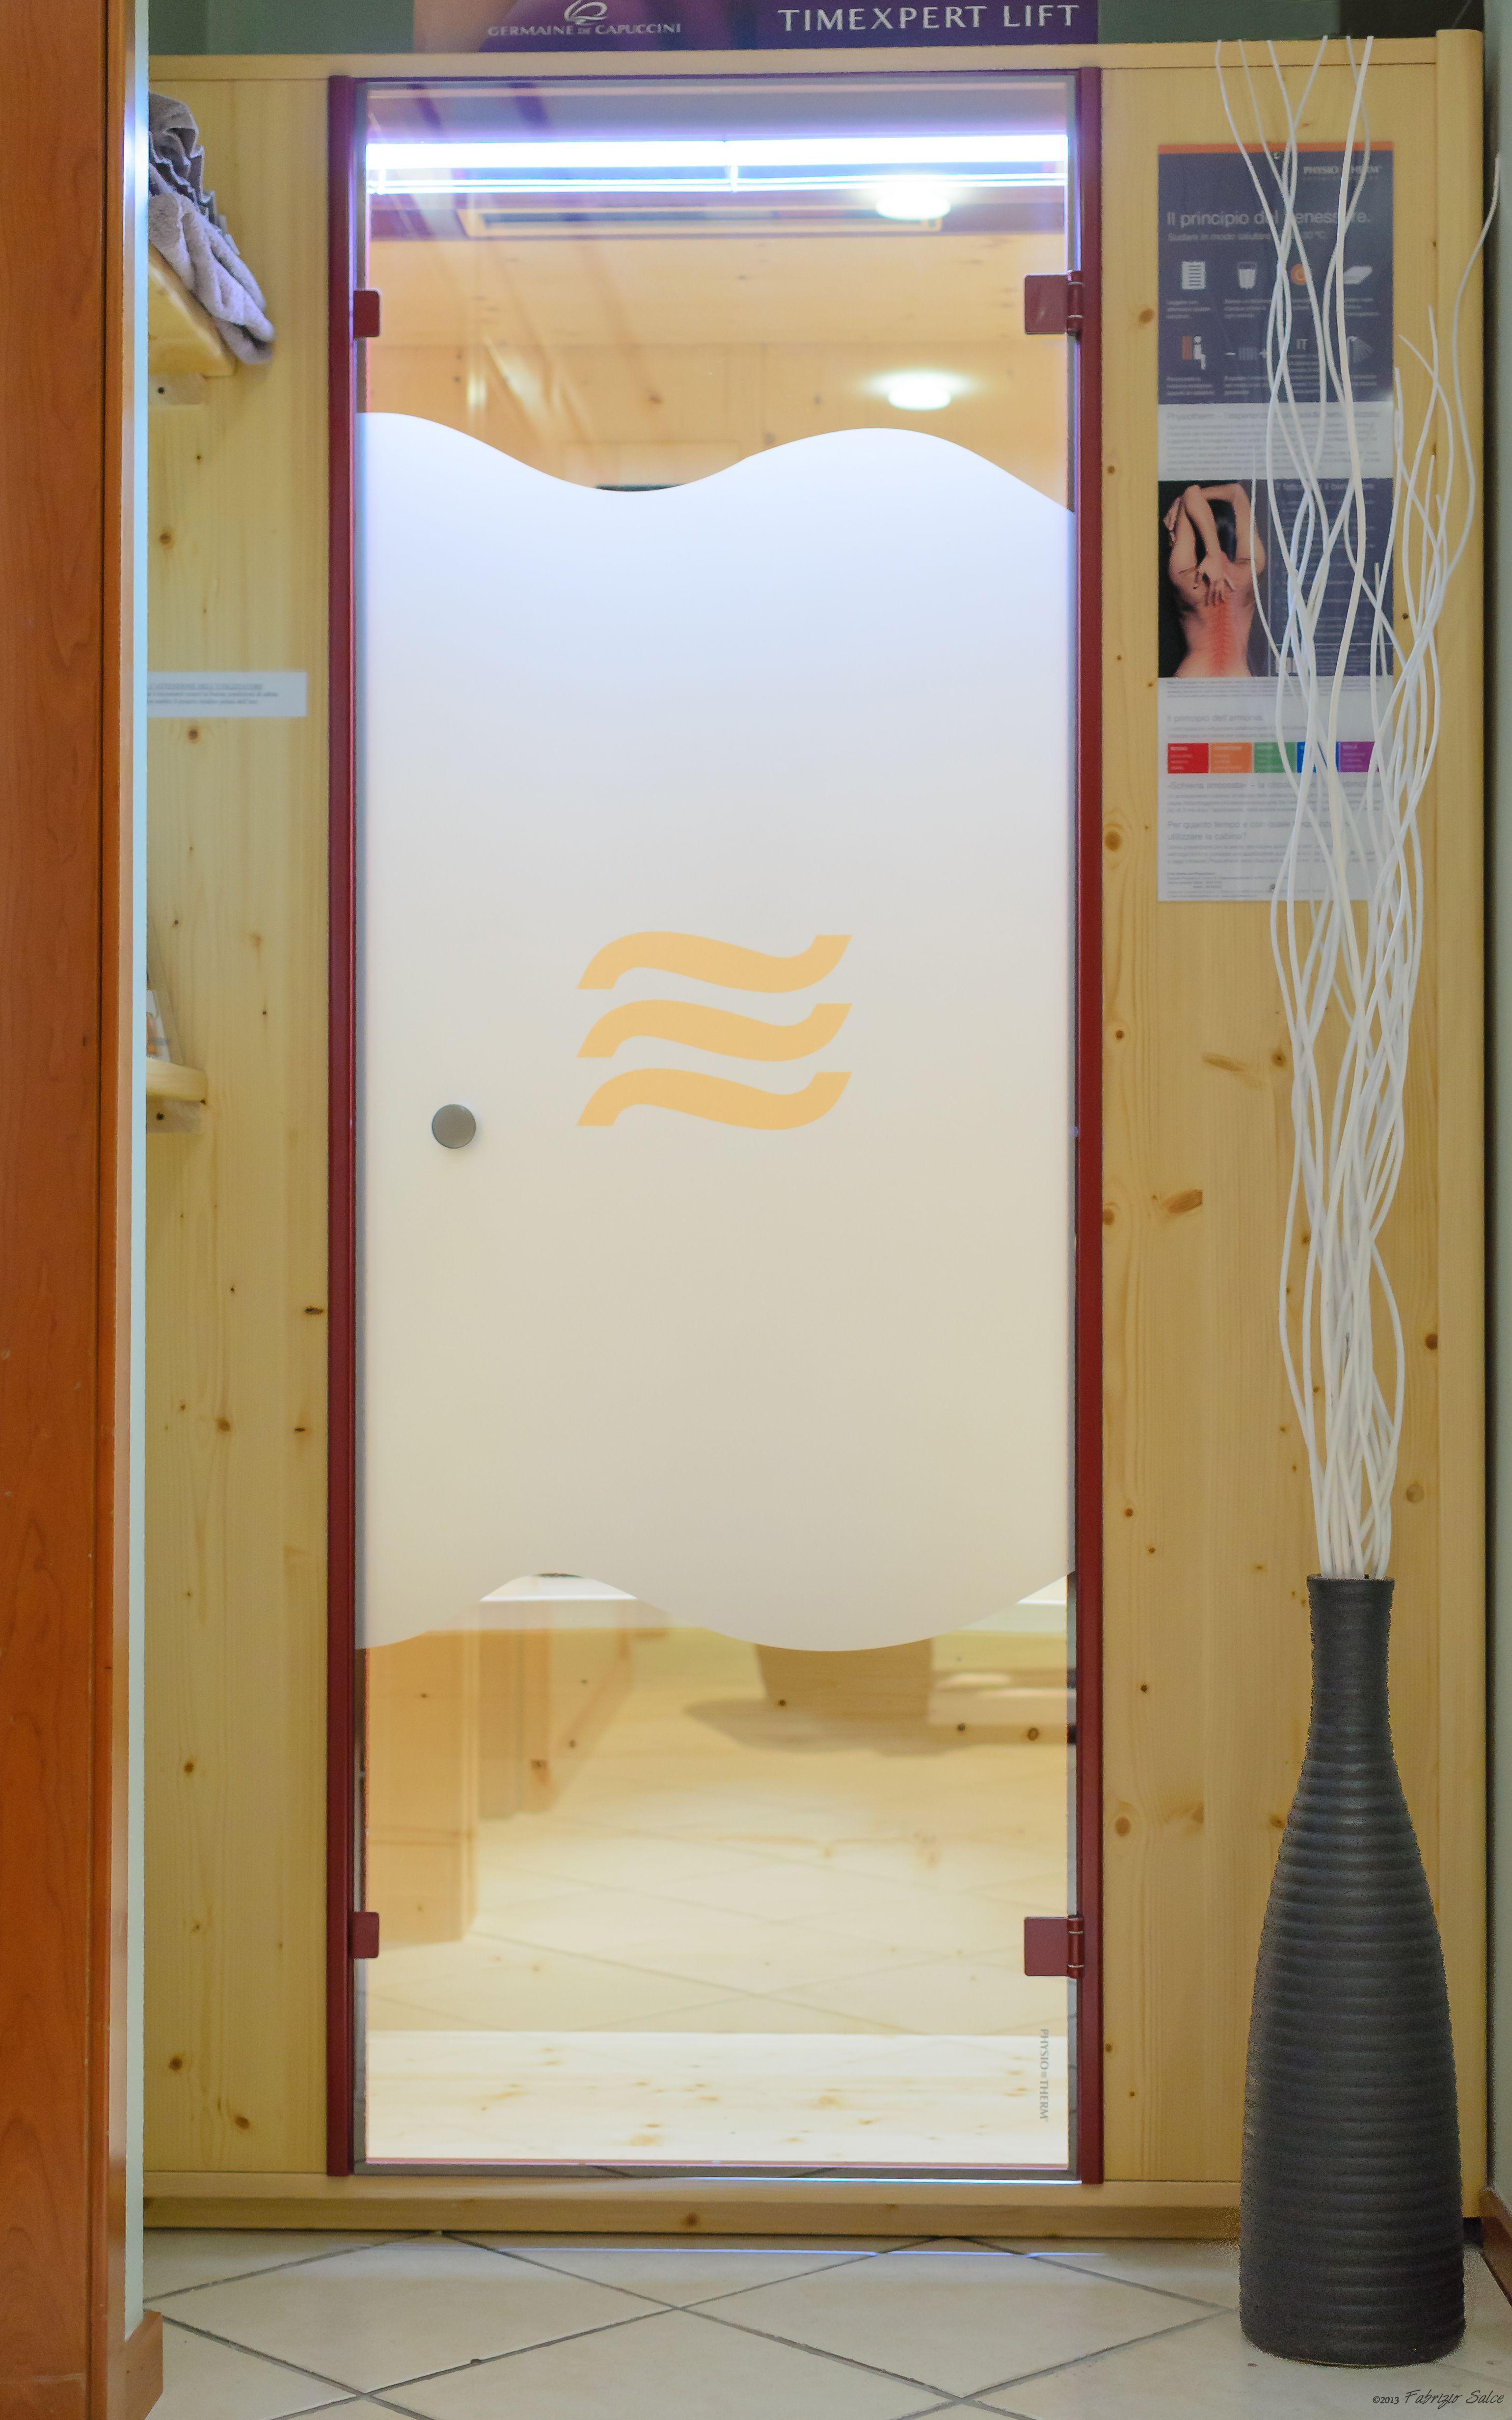 cabina sauna a raggi infrarossi, con aromaterapia e cromoterapia